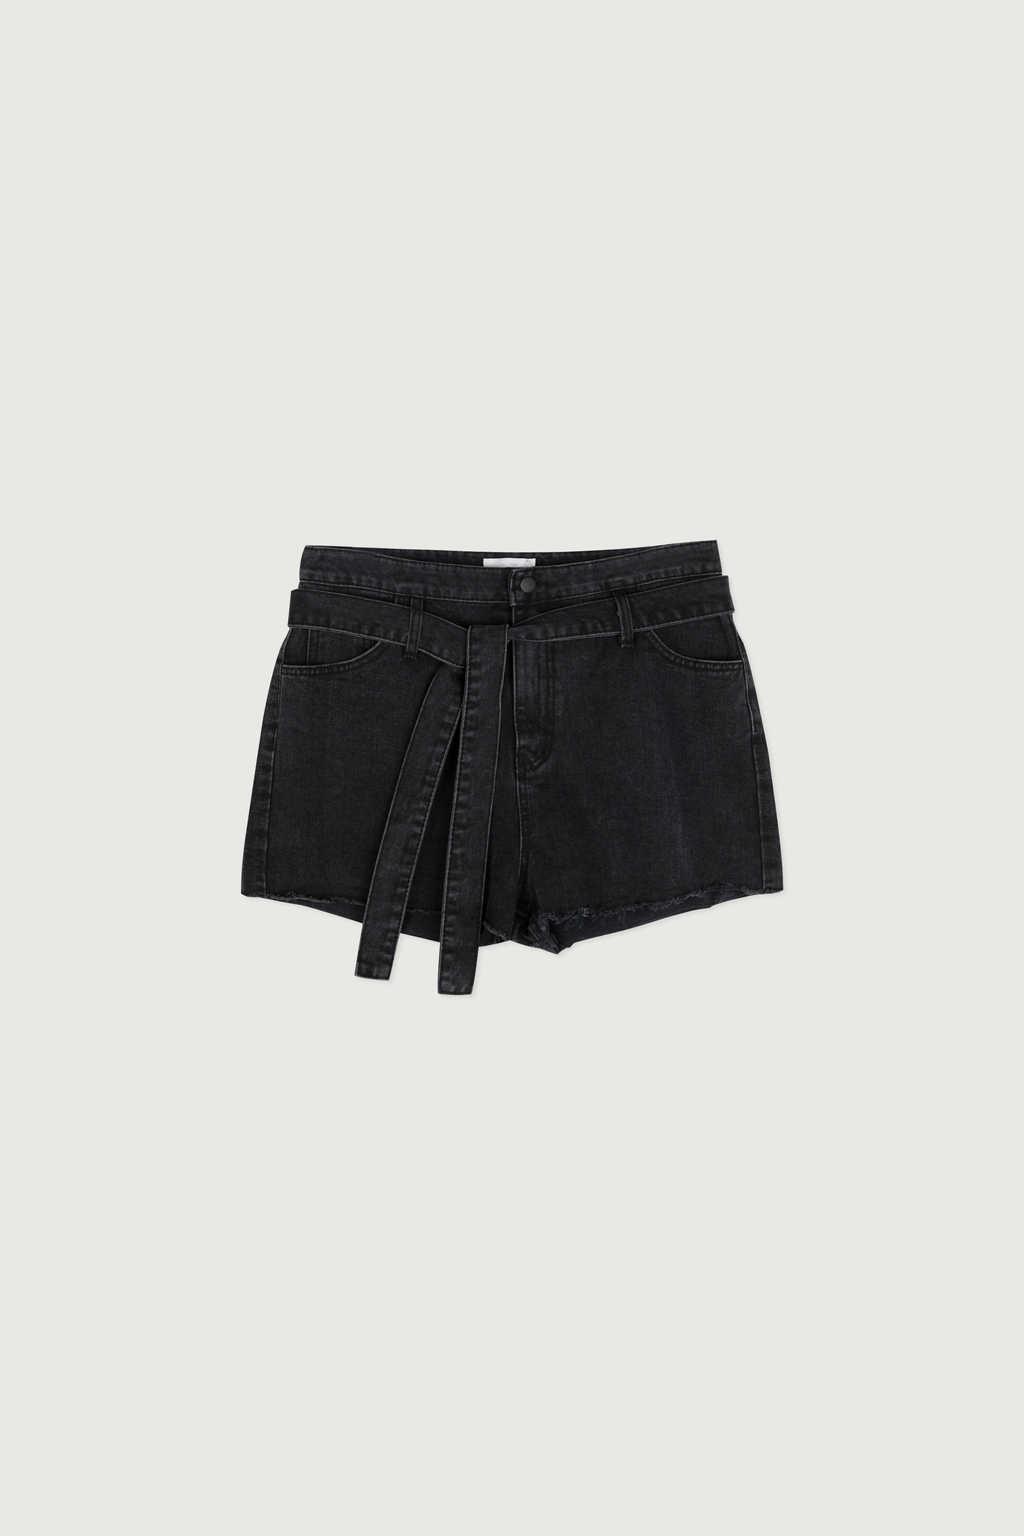 Short K012 Black 7